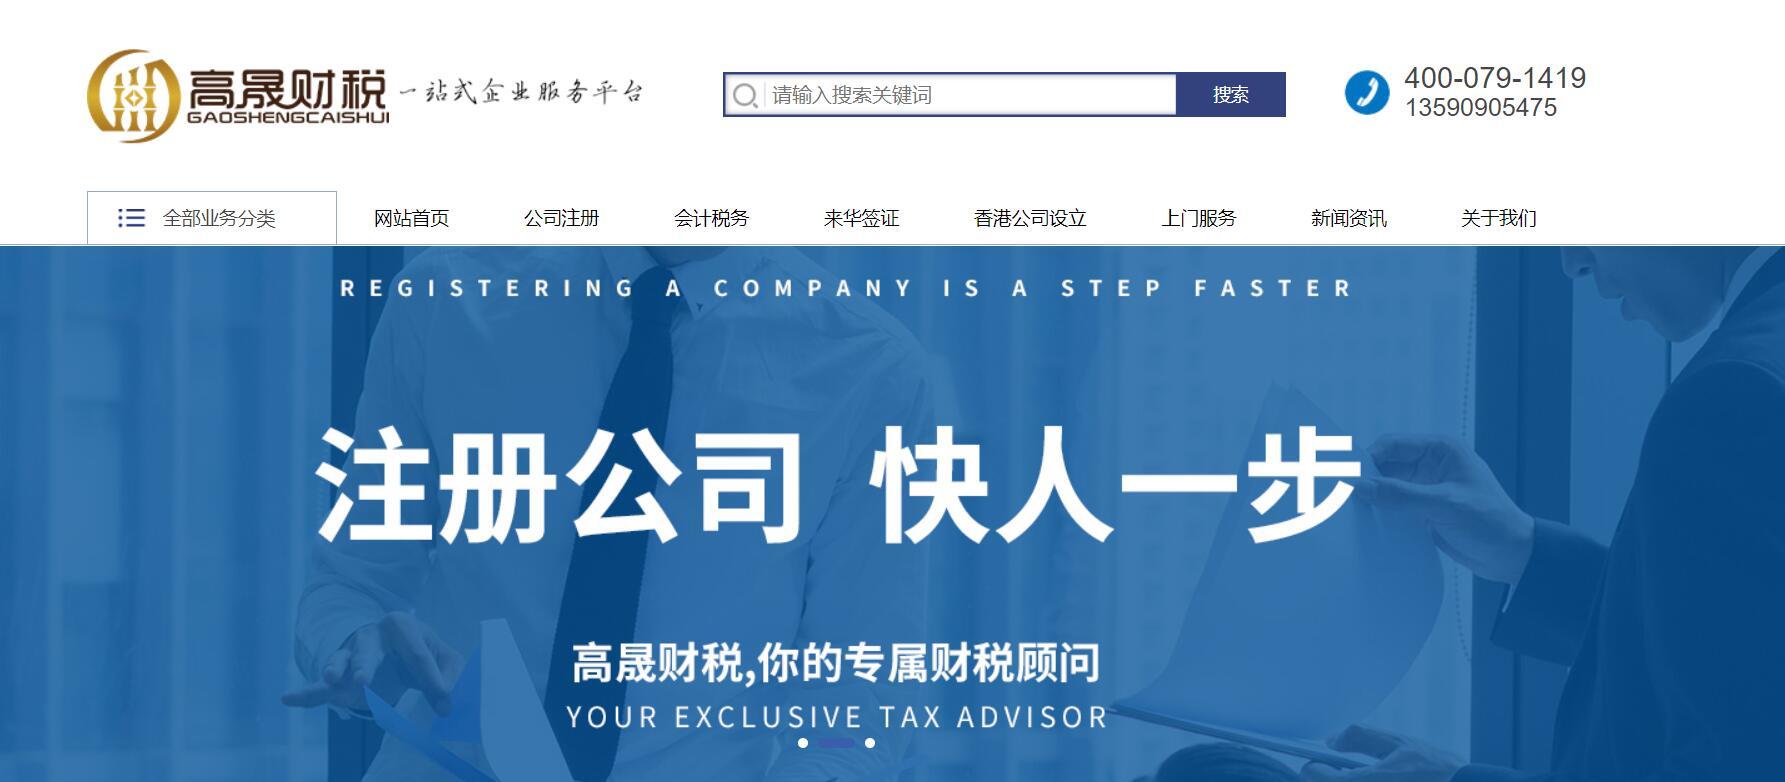 高晟财税咨询有限公司网站优化